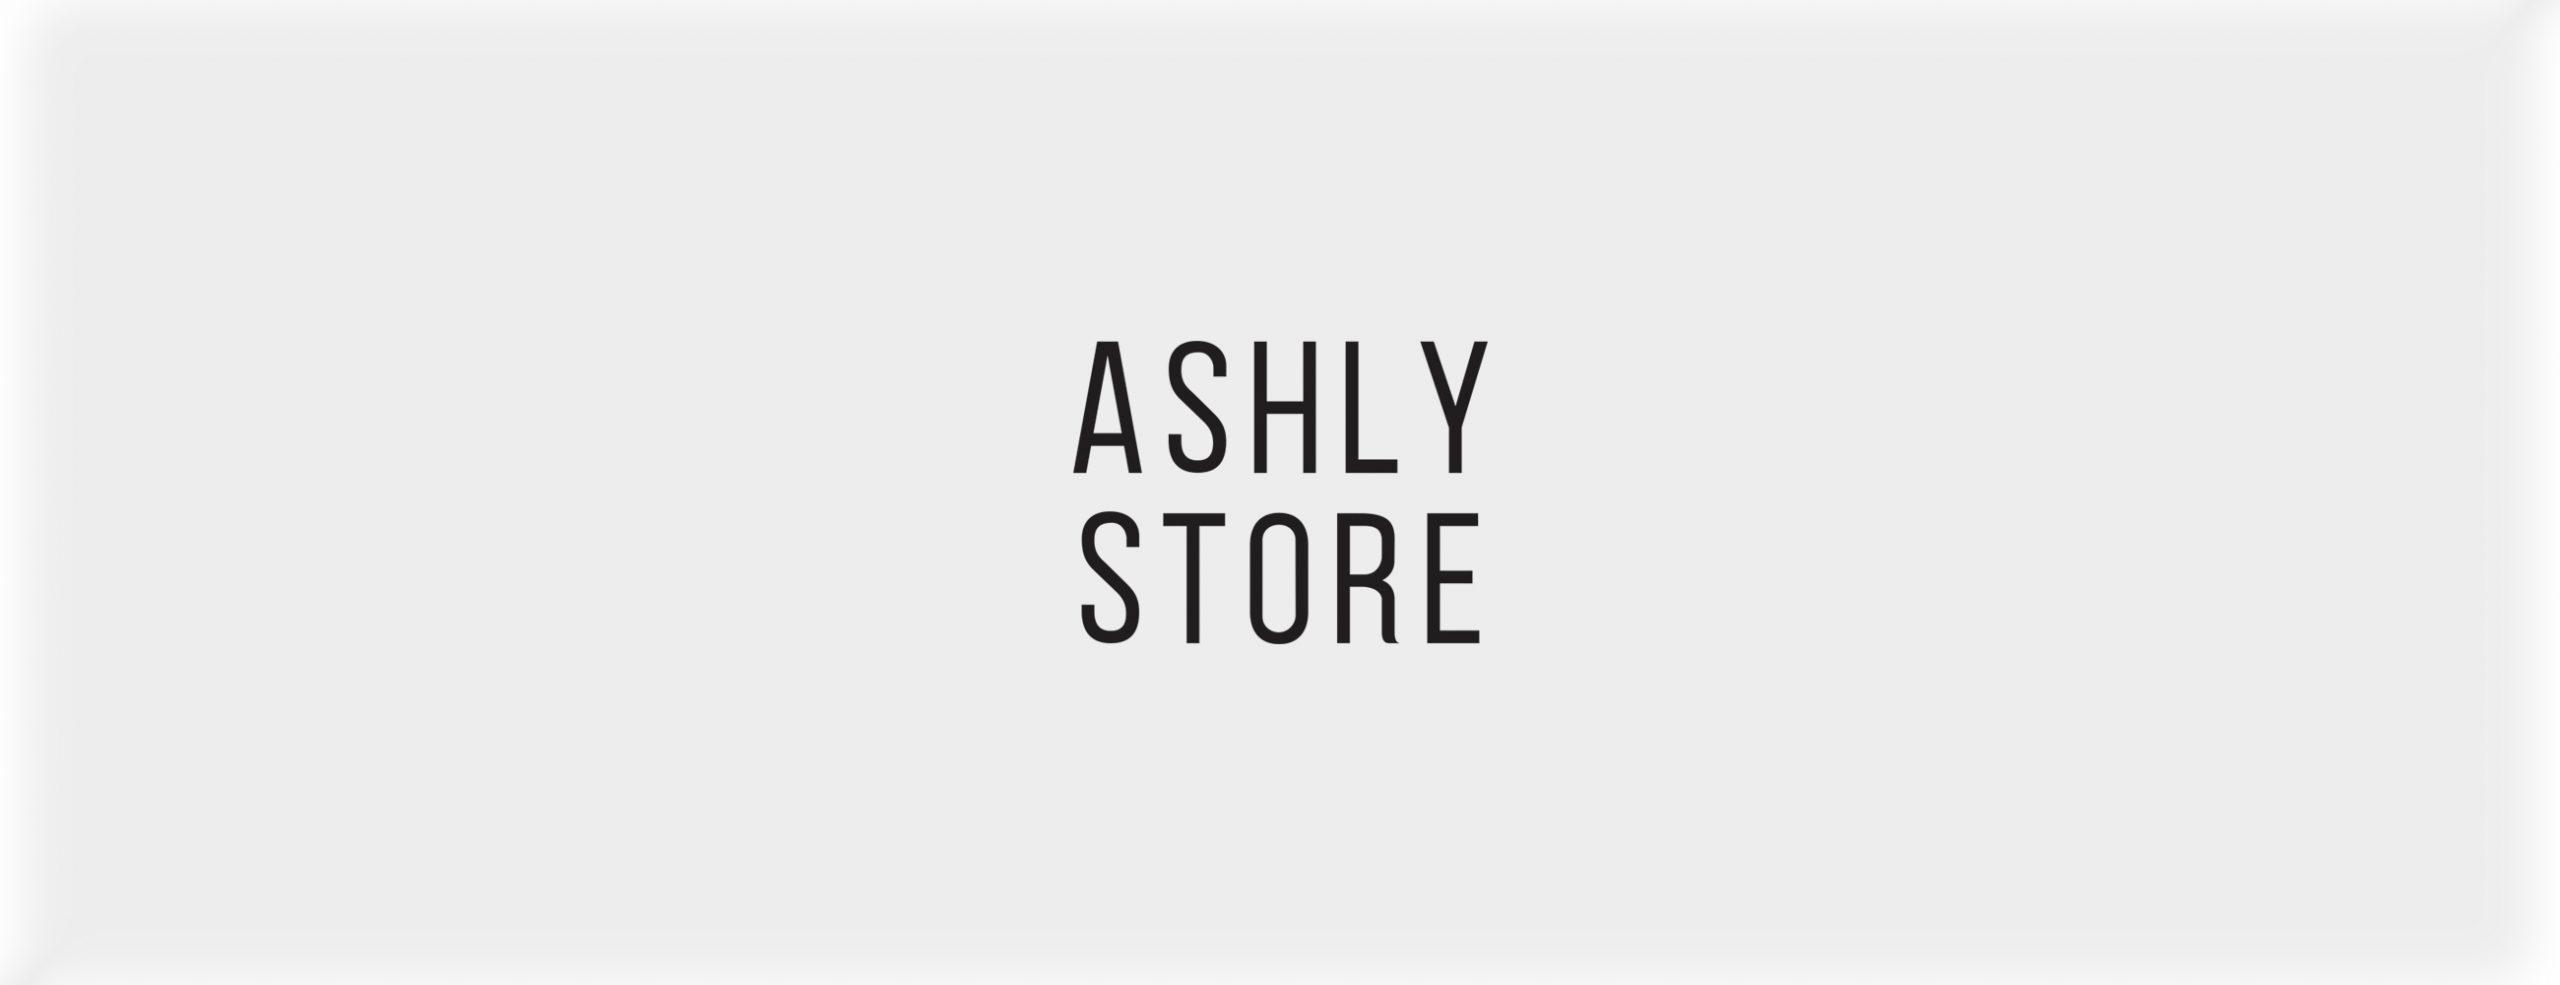 Ashly Store